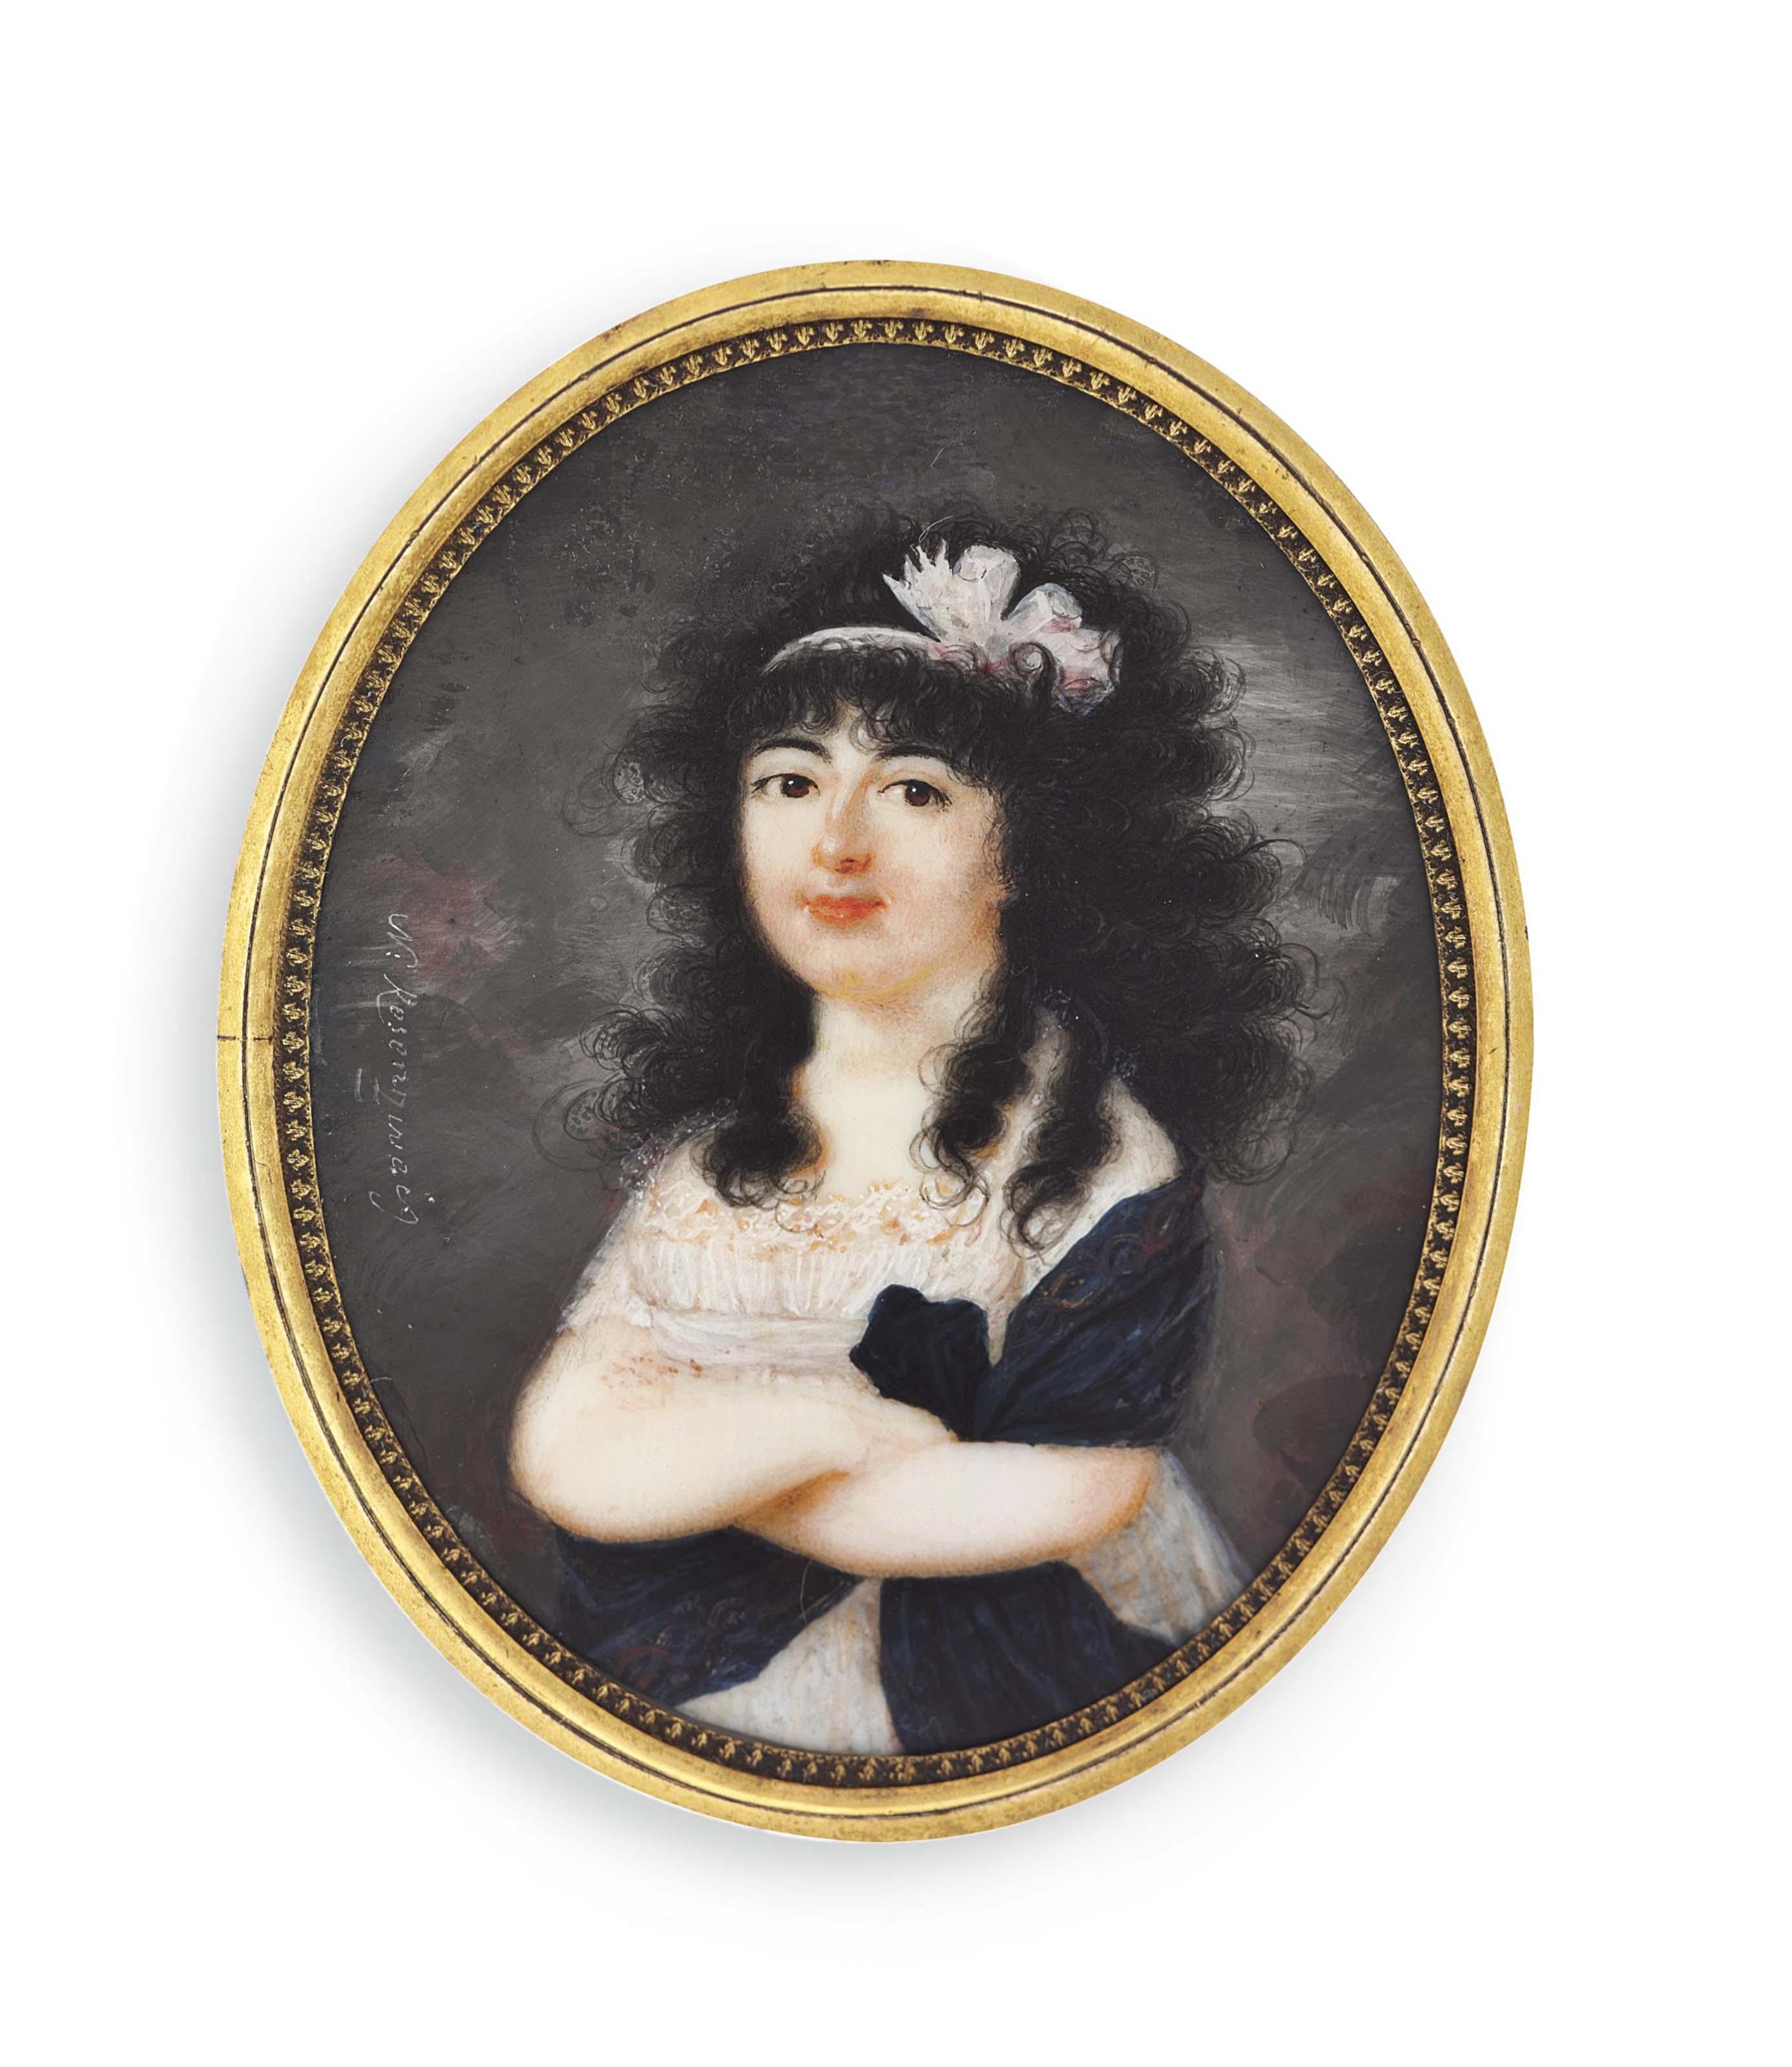 NANETTE ROSENZWEIG, NÉE WINDISCH (AUSTRIAN, FL. C. 1790-1820)